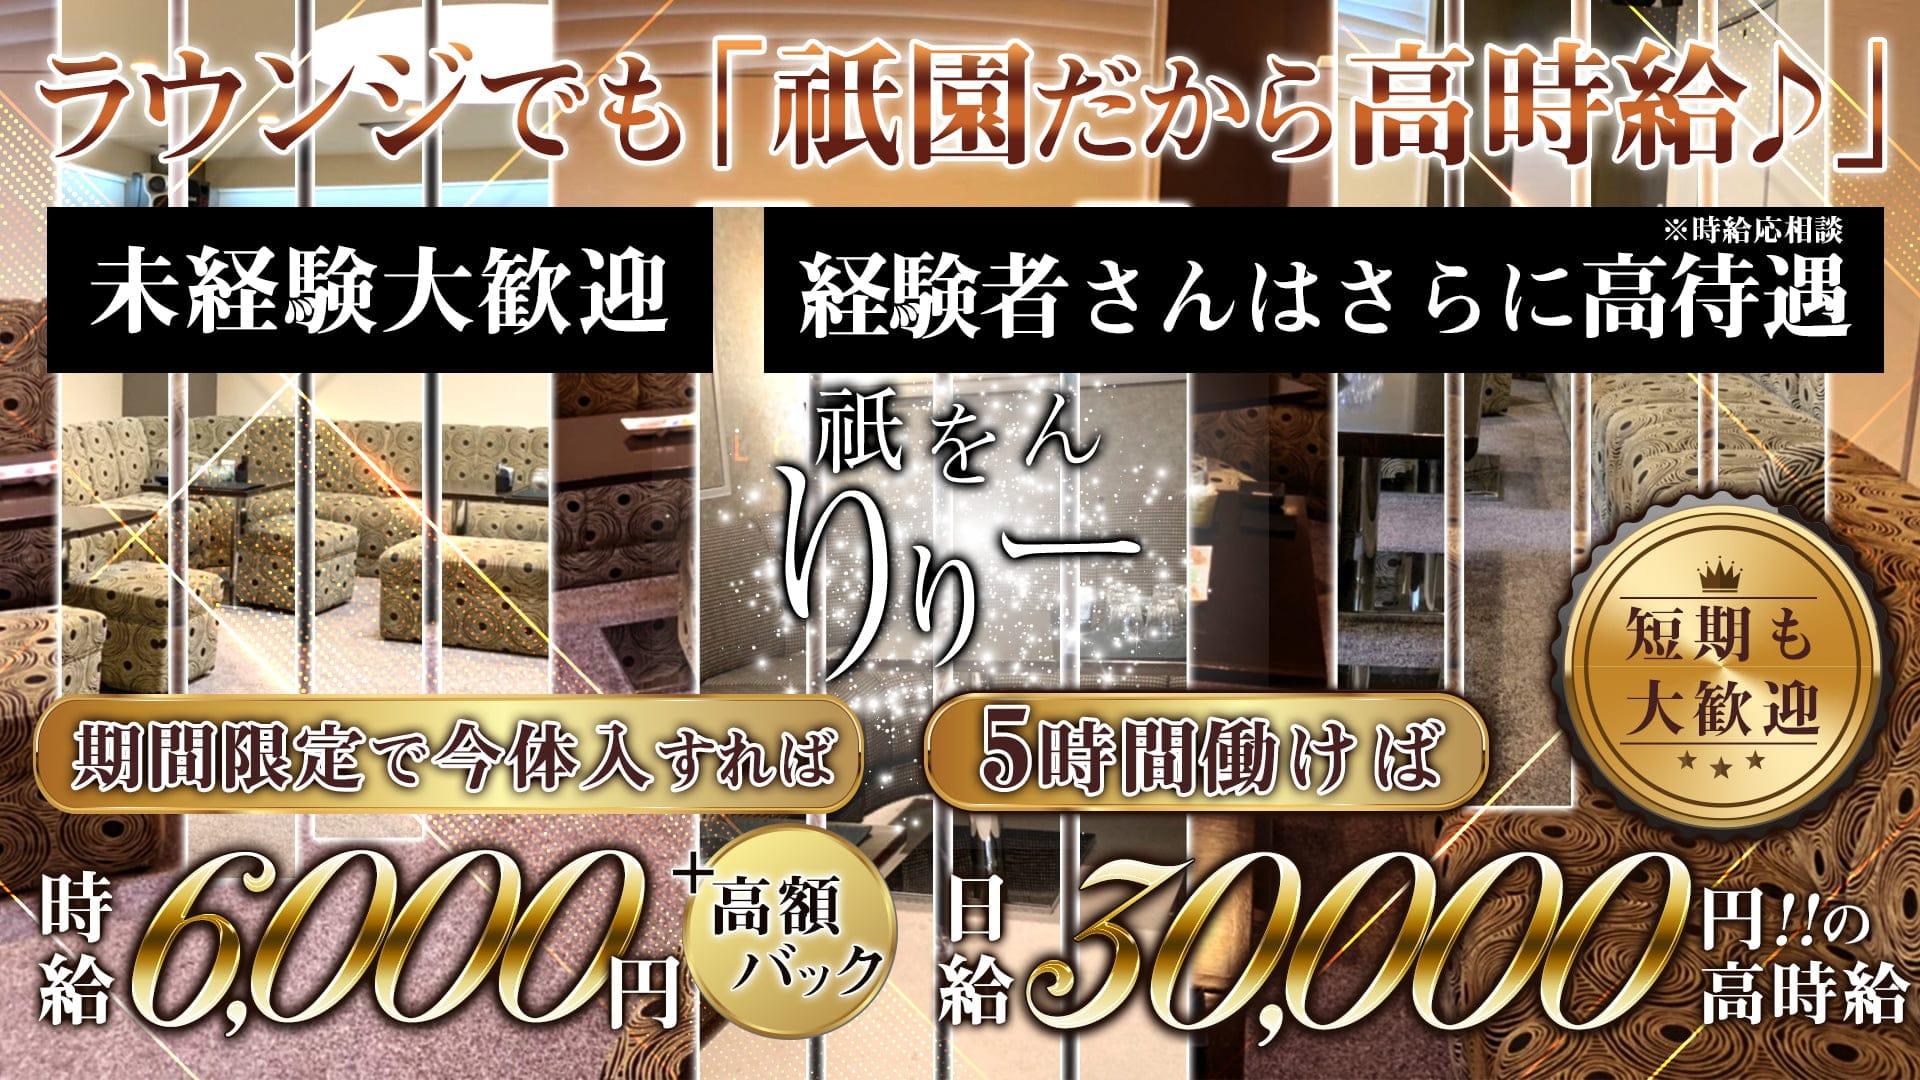 祇をん りりー【公式求人・体入情報】 祇園ラウンジ TOP画像